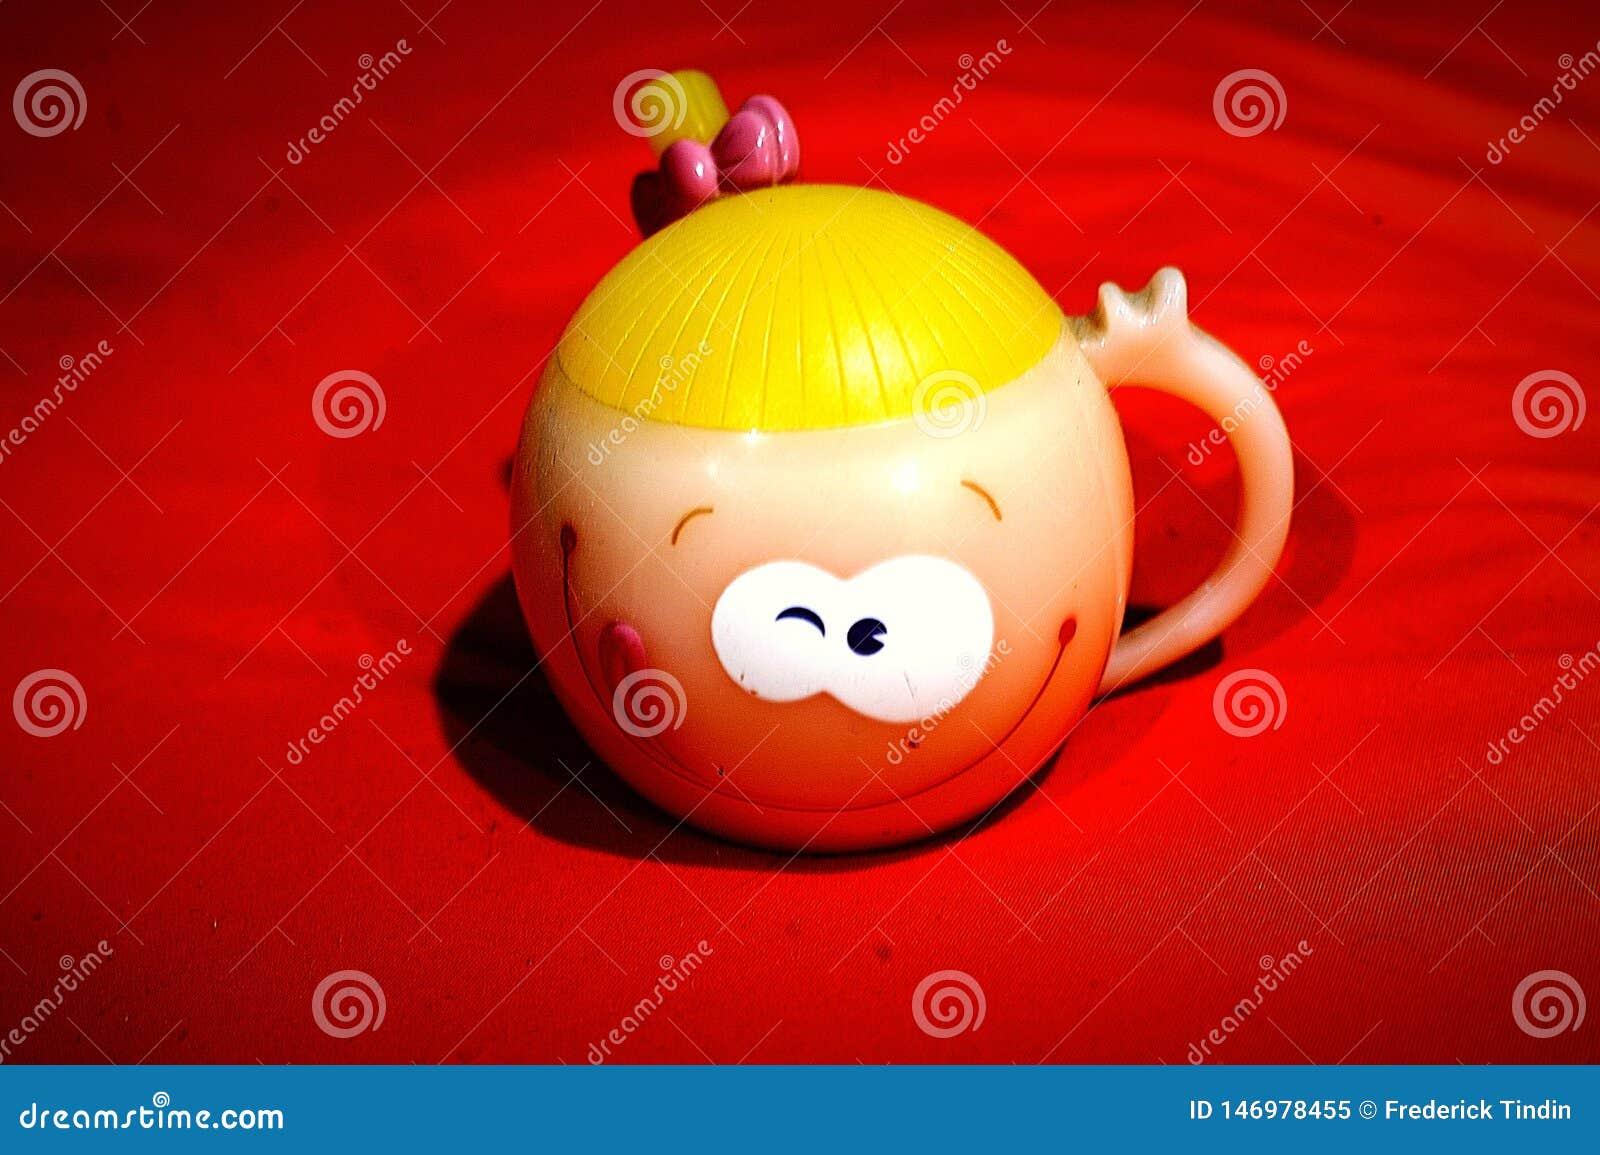 Netter Smiley Mug As Gift